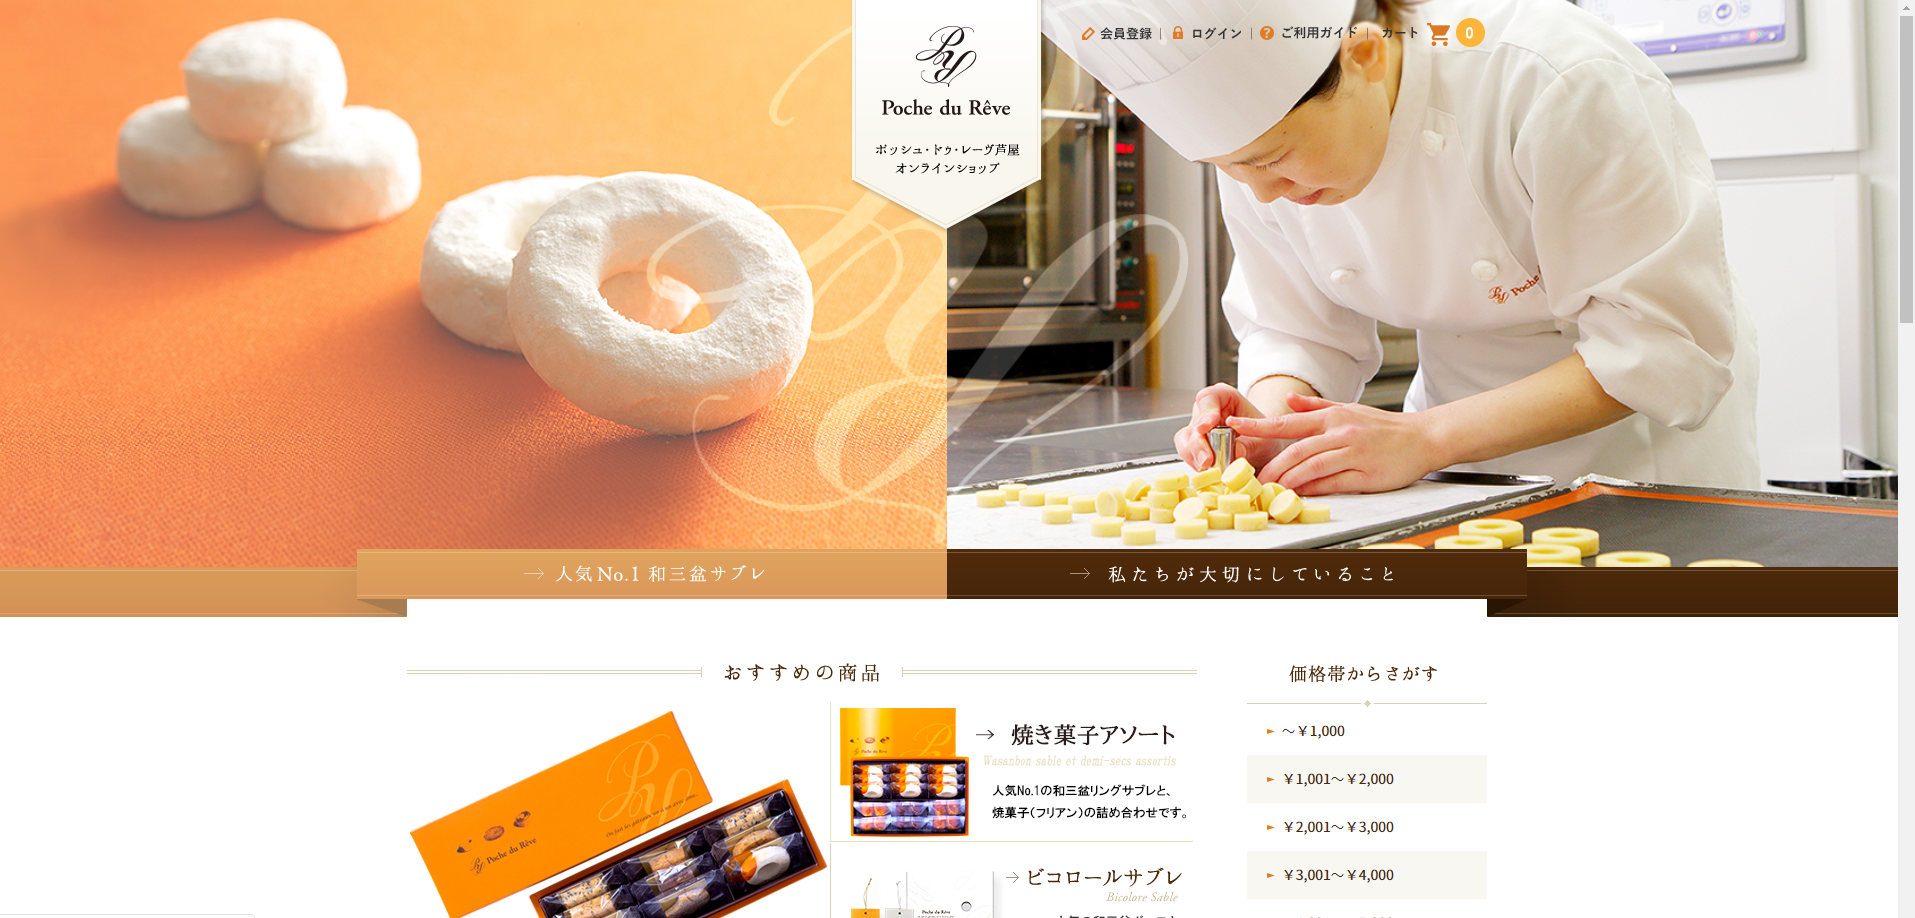 小さな洋菓子店は、ウェブサイトを絶対に作った方が良い件